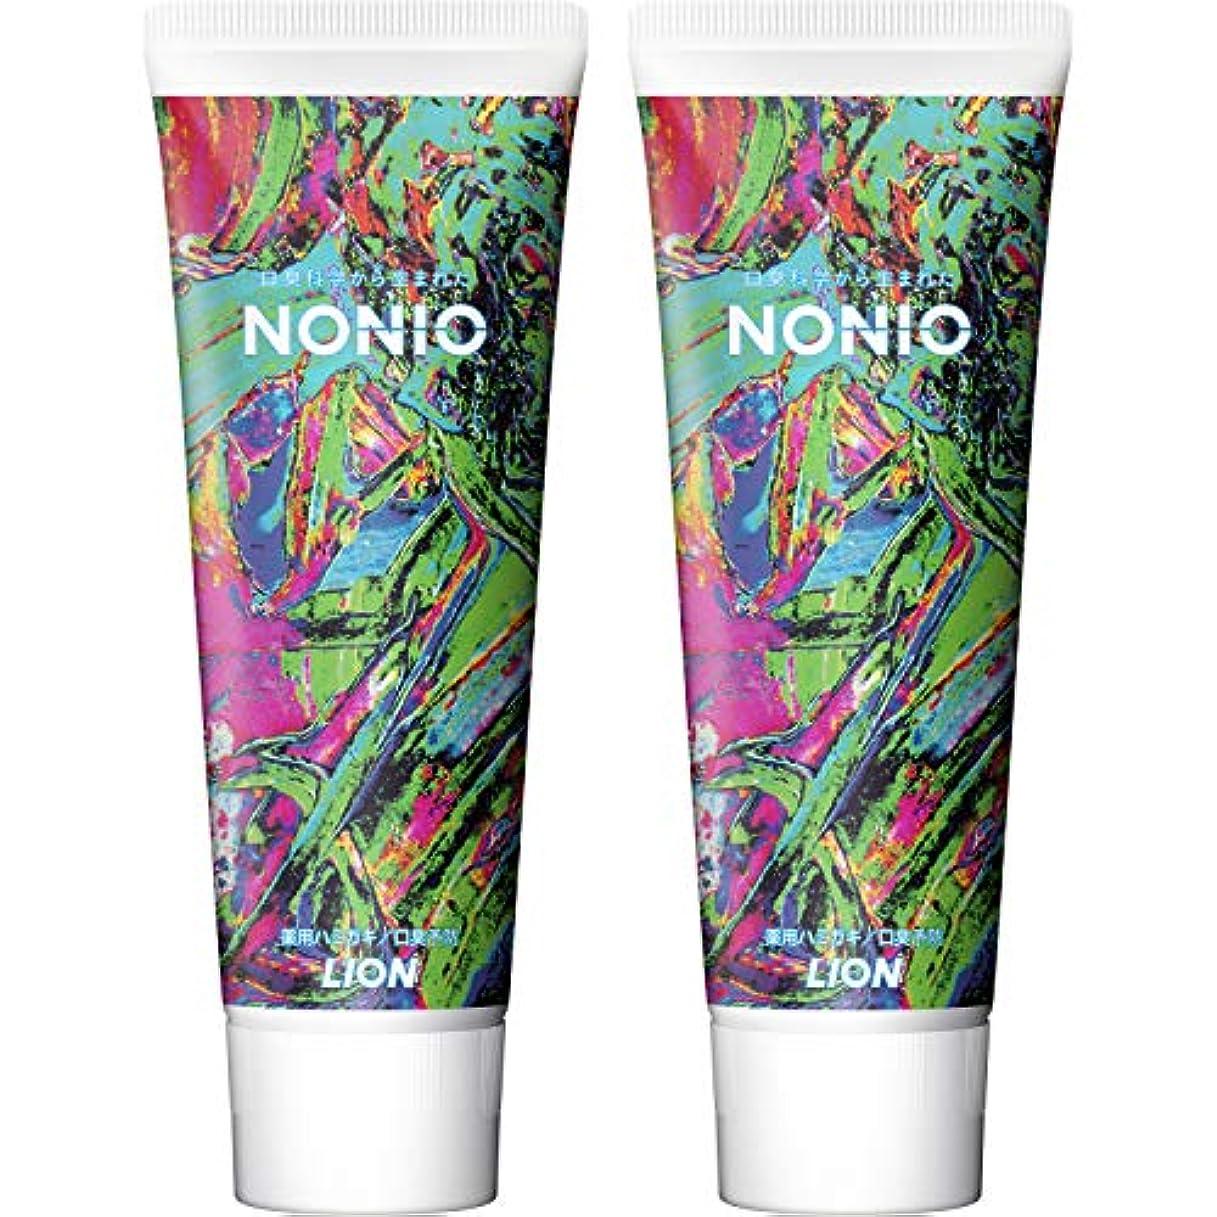 肌寒いボンド条約NONIO(ノニオ) [医薬部外品]NONIO ハミガキ ピュアリーミント 2019限定デザイン品 130g×2個 130g×2 デザイン品